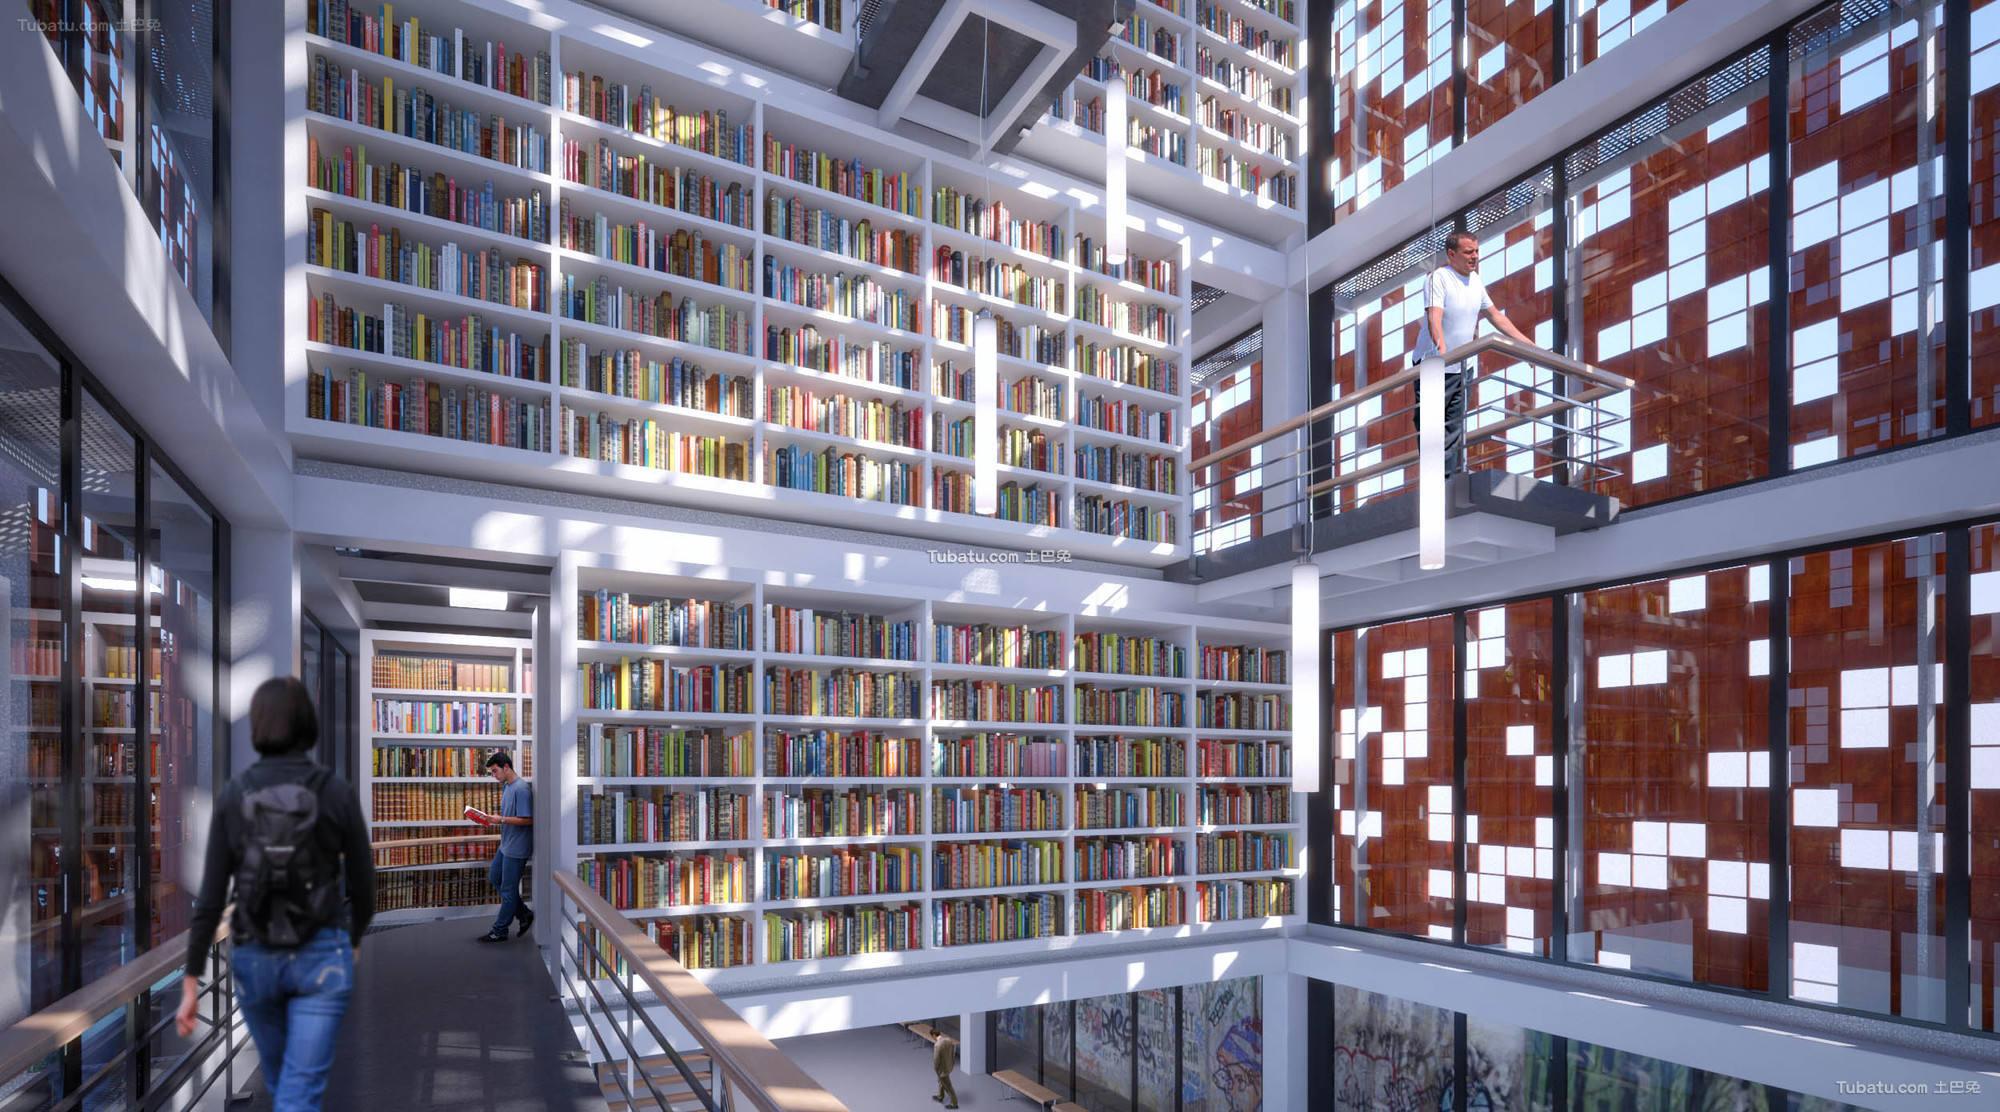 现代设计图书馆室内图片